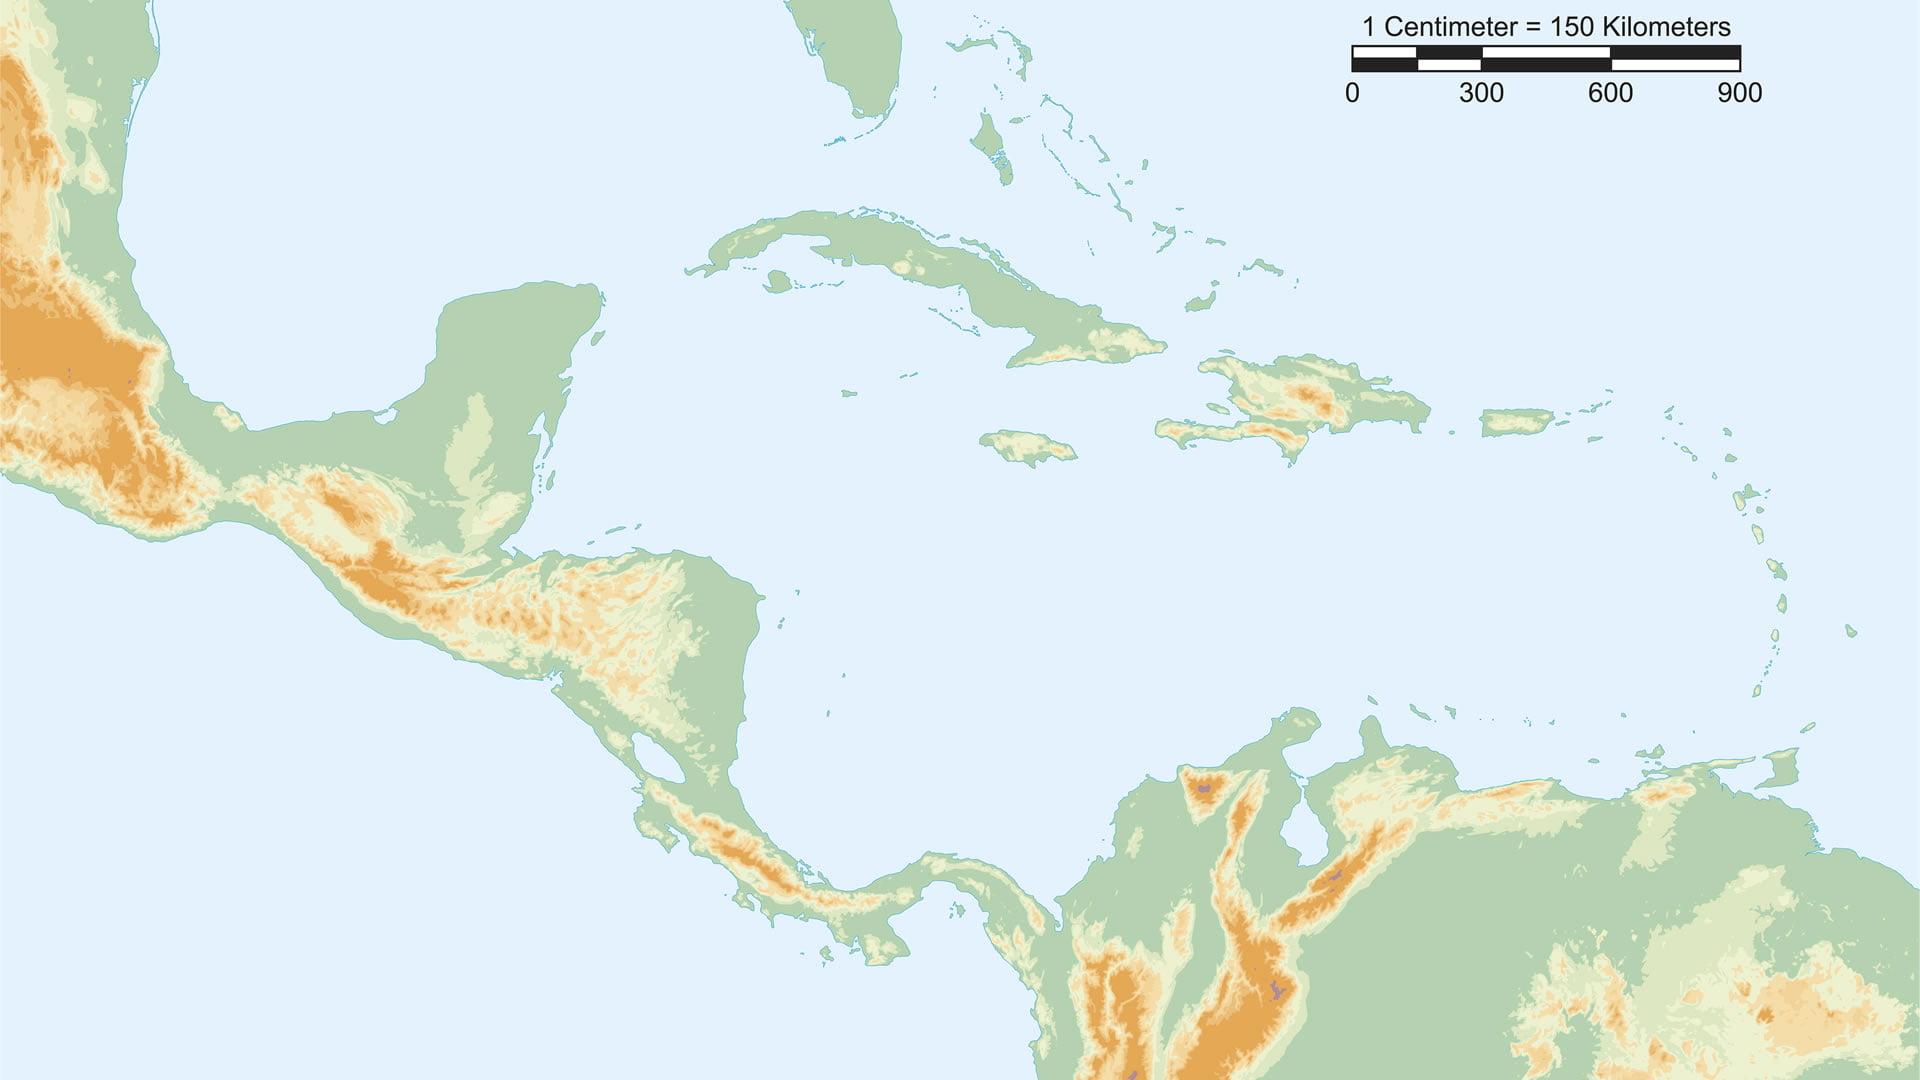 Mapa fsico de Centroamrica con escala